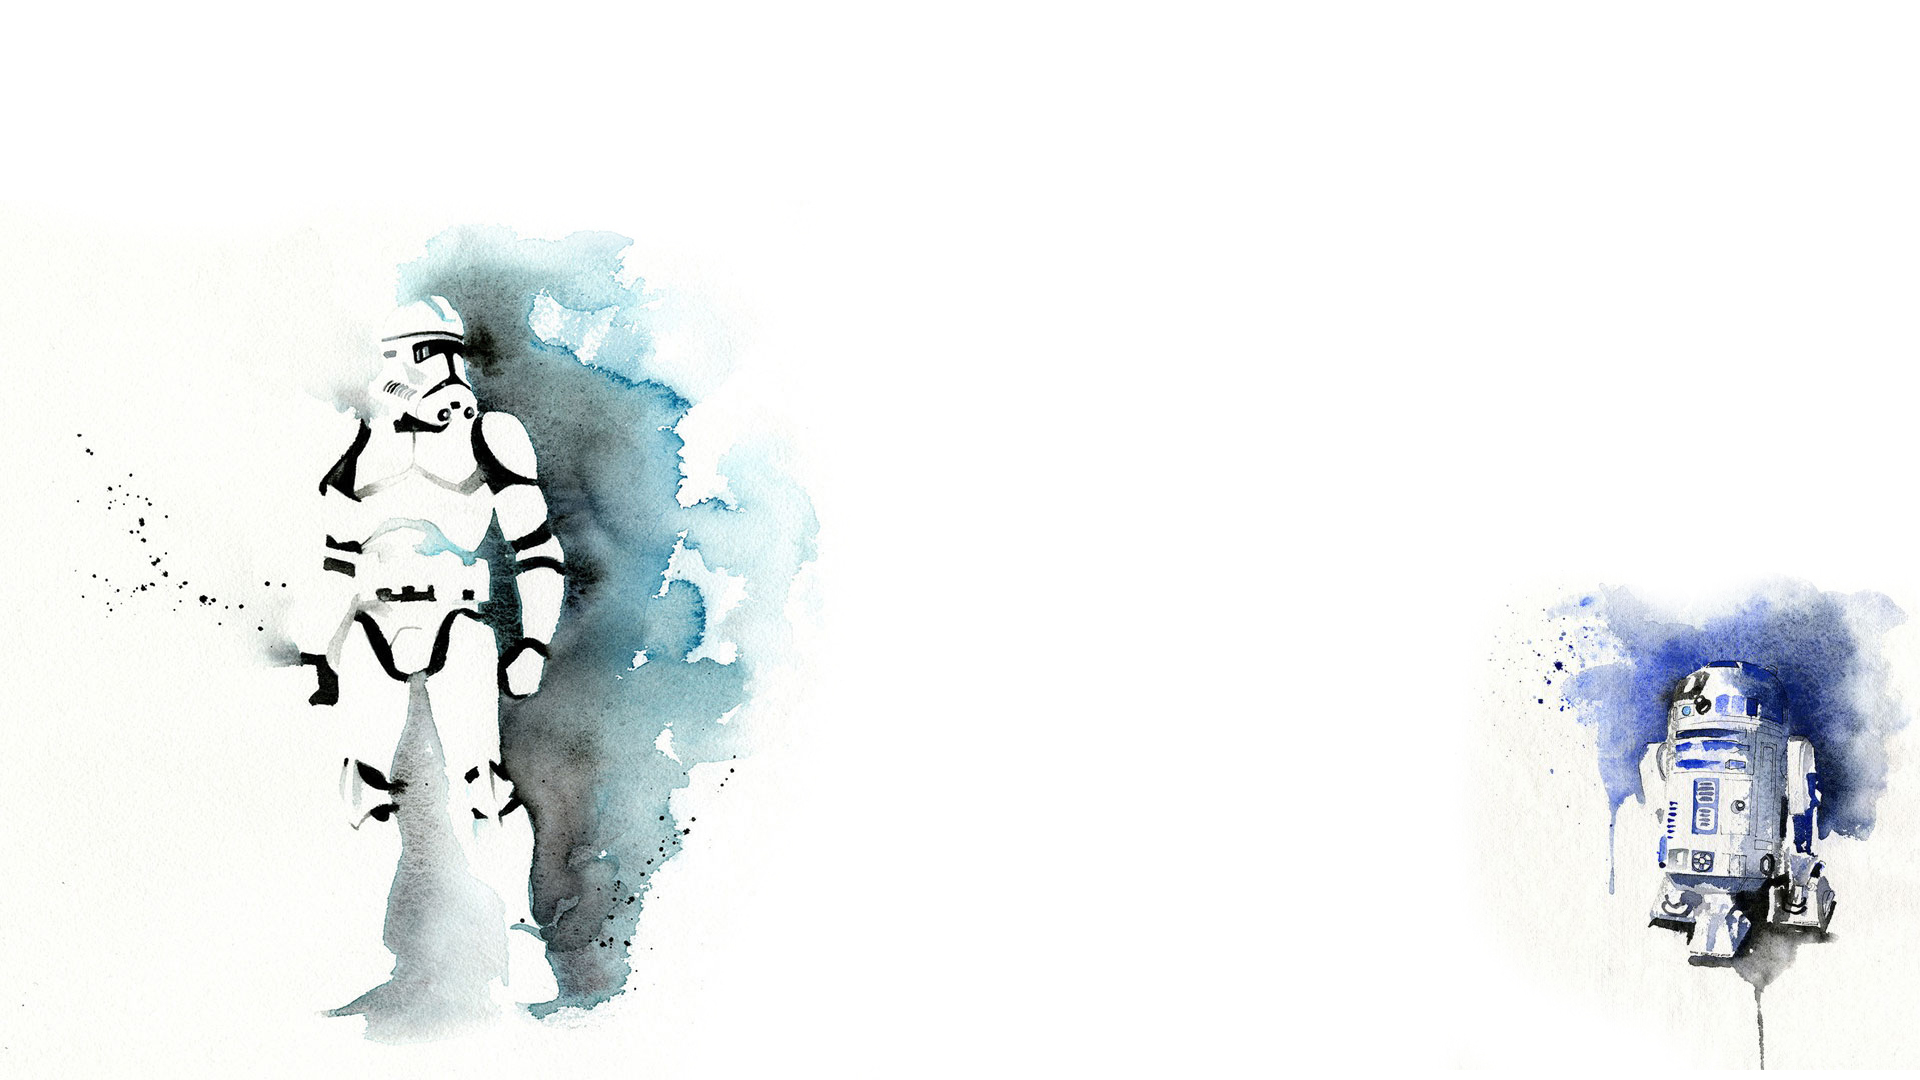 Iphone 5 Wallpaper Hd Star Wars Star Wars Fond D 233 Cran Hd Arri 232 Re Plan 1920x1080 Id